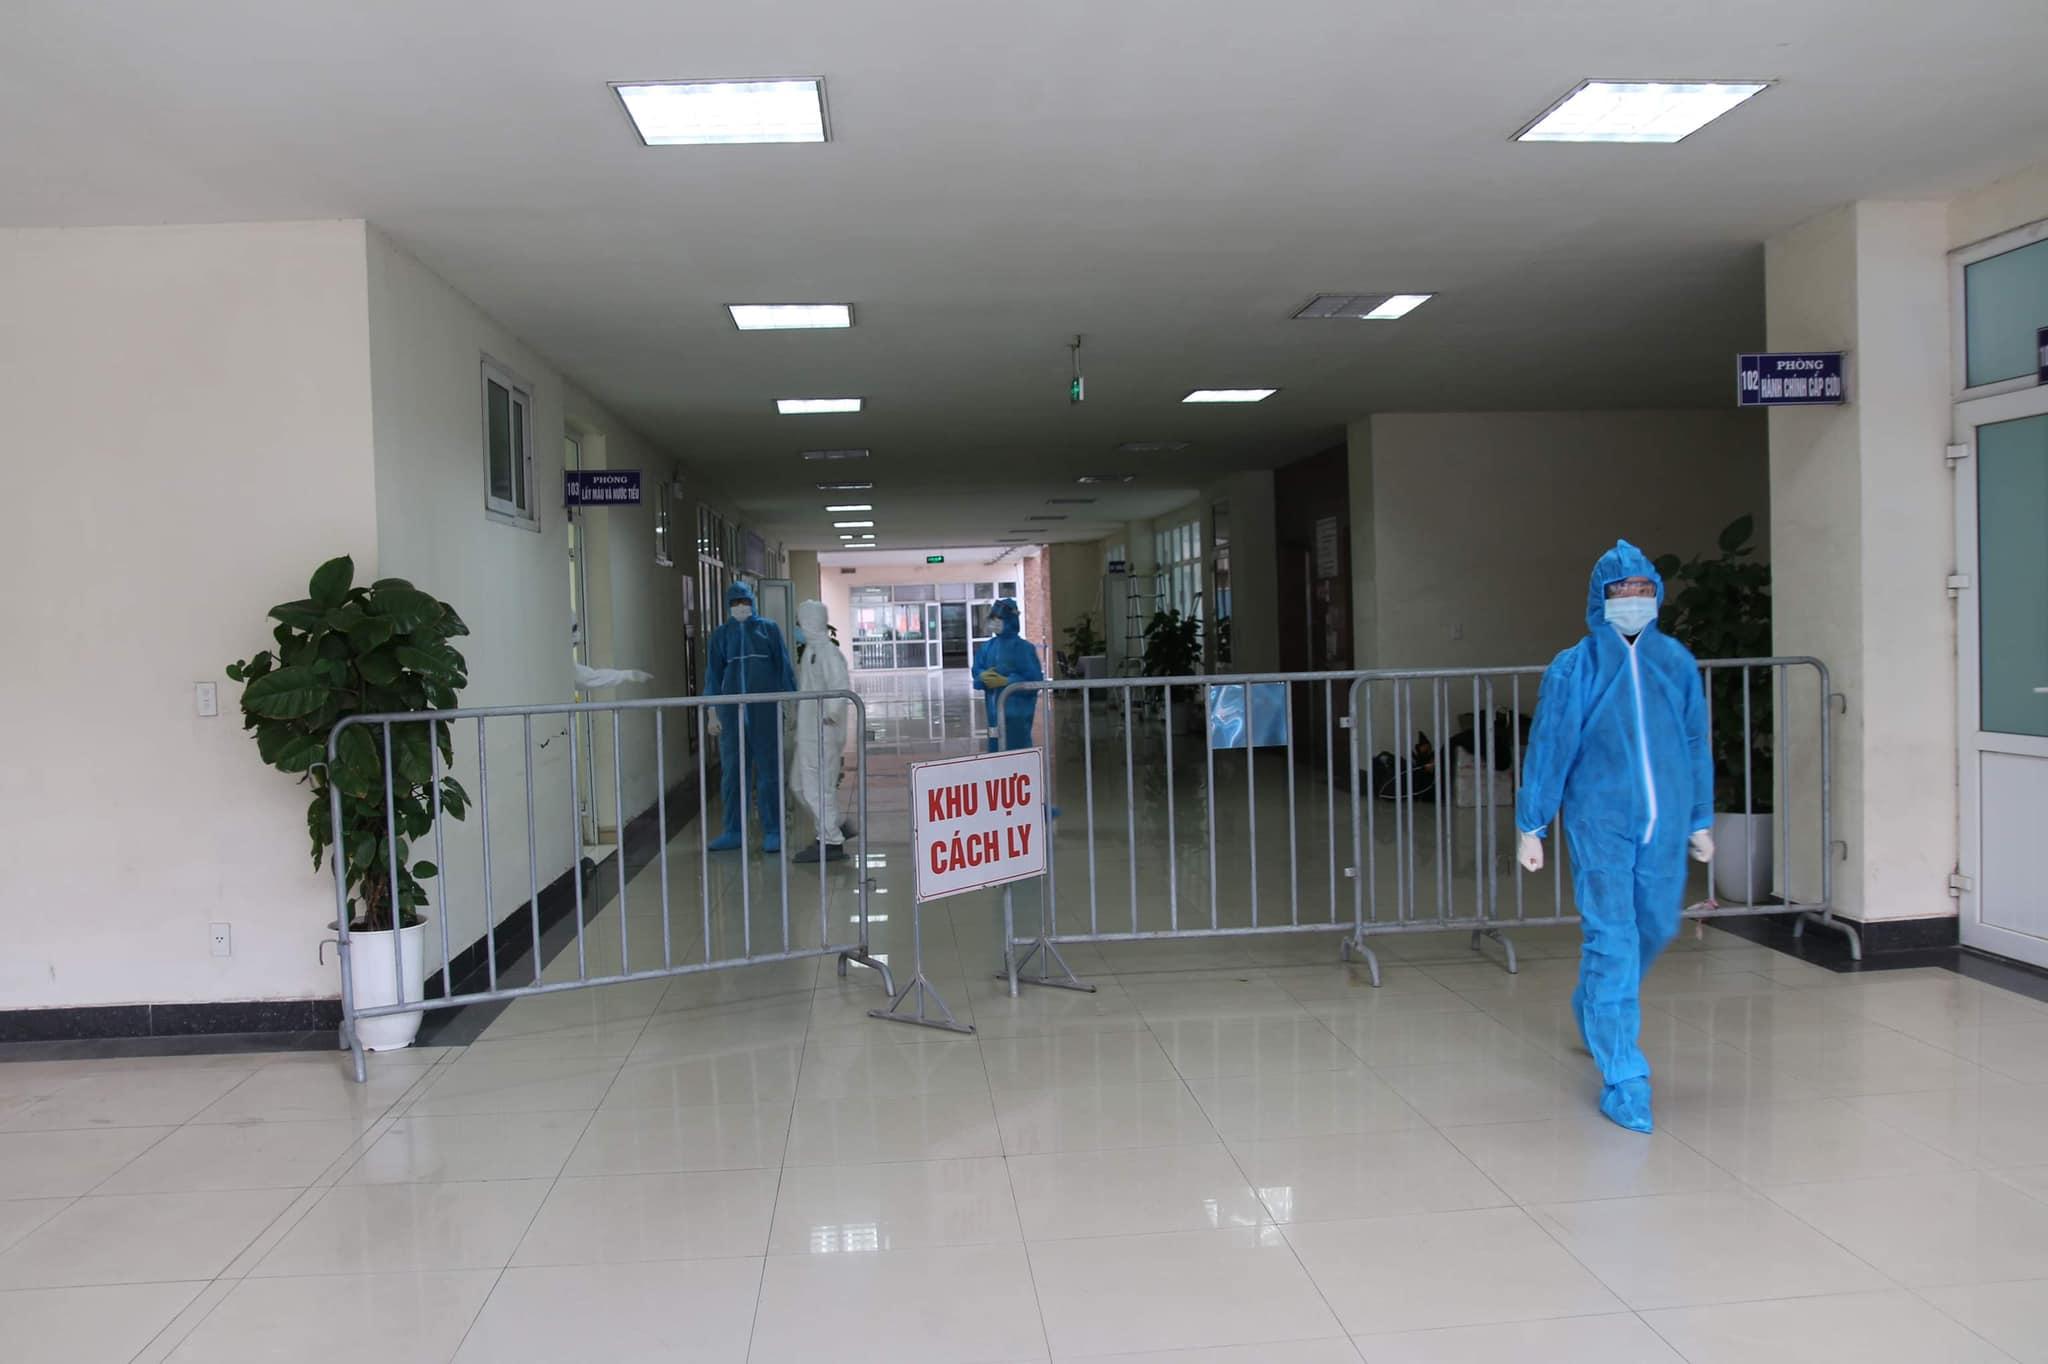 Bệnh viện dã chiến số 2 của Hải Dương hoạt động, đã tiếp nhận 26 bệnh nhân Covid-19. Ảnh: Anh Văn.